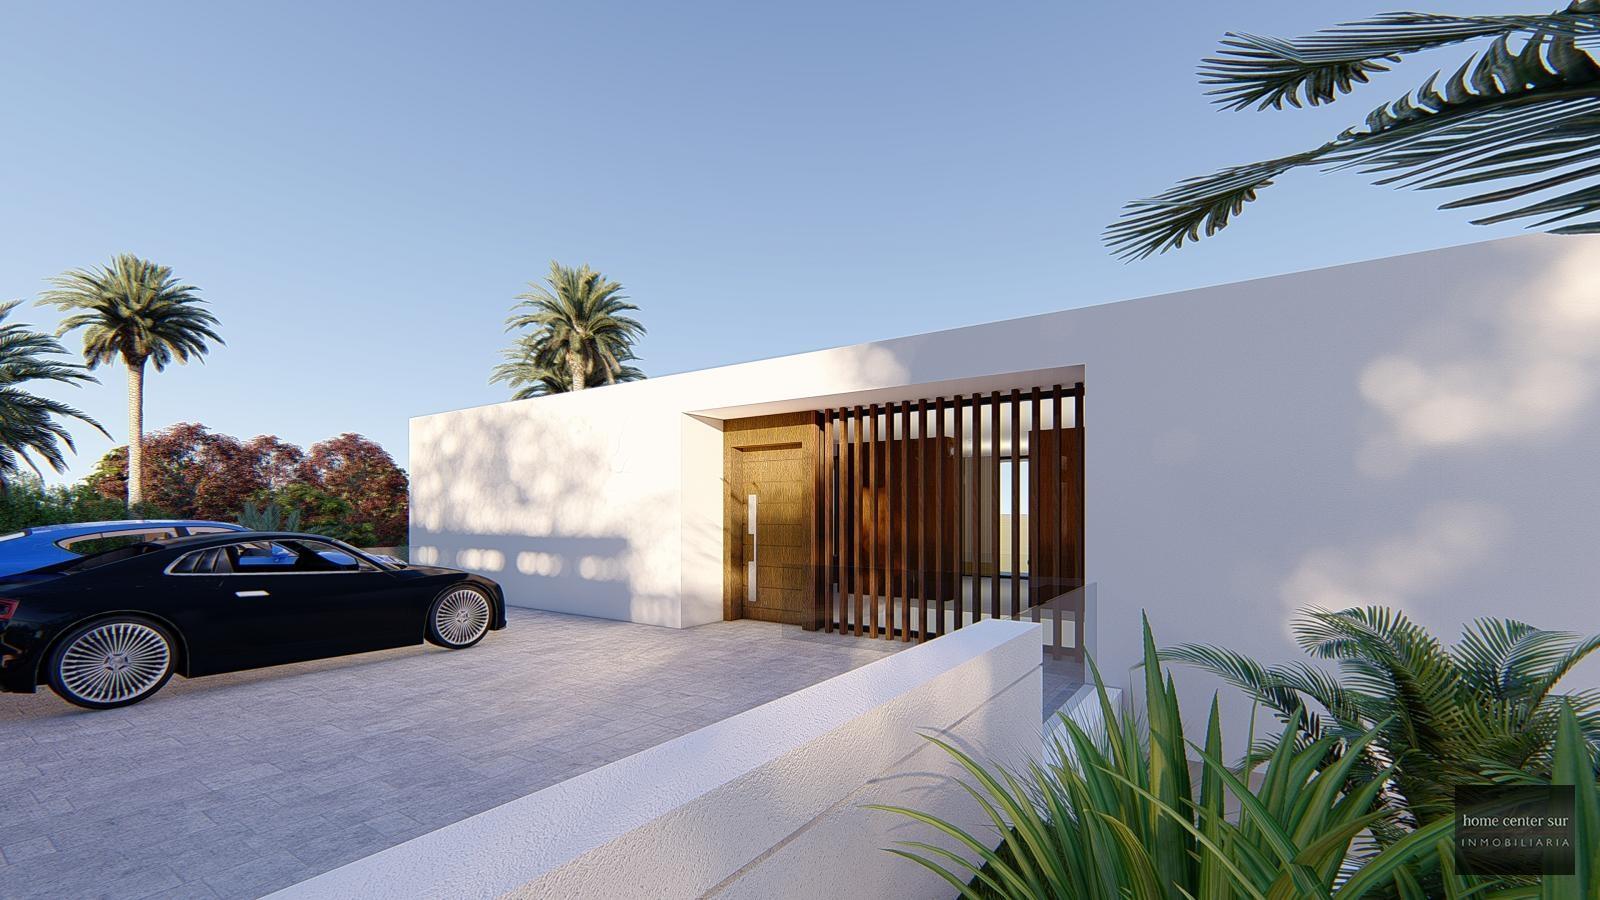 Villa de Lujo en venta en Calle Flaminio 141- (Estepona), 675.000 €